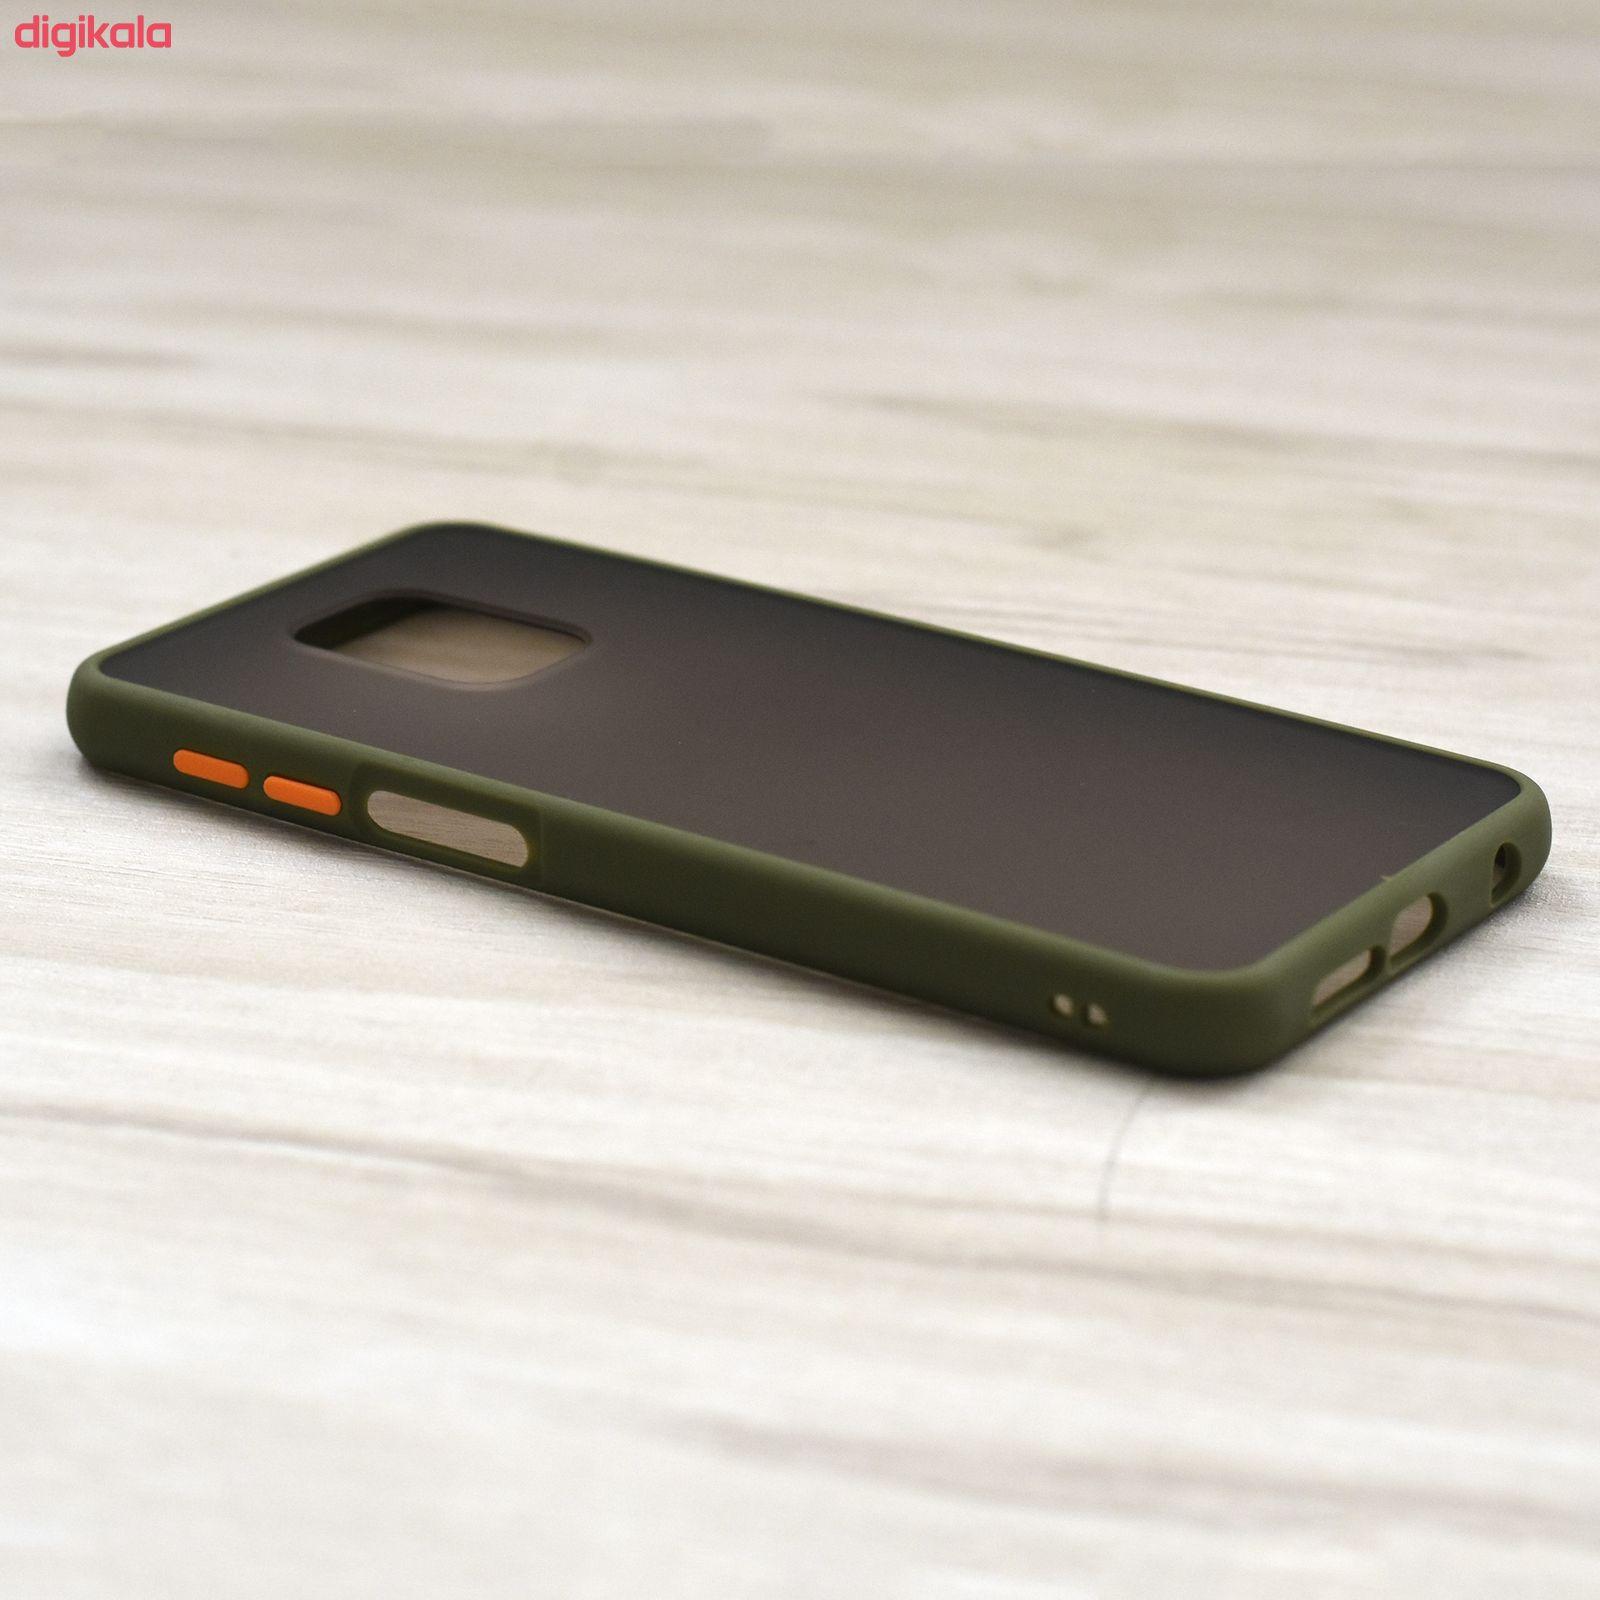 کاور مدل Slico01 مناسب برای گوشی موبایل شیائومی Redmi Note 9S / 9 Pro main 1 11